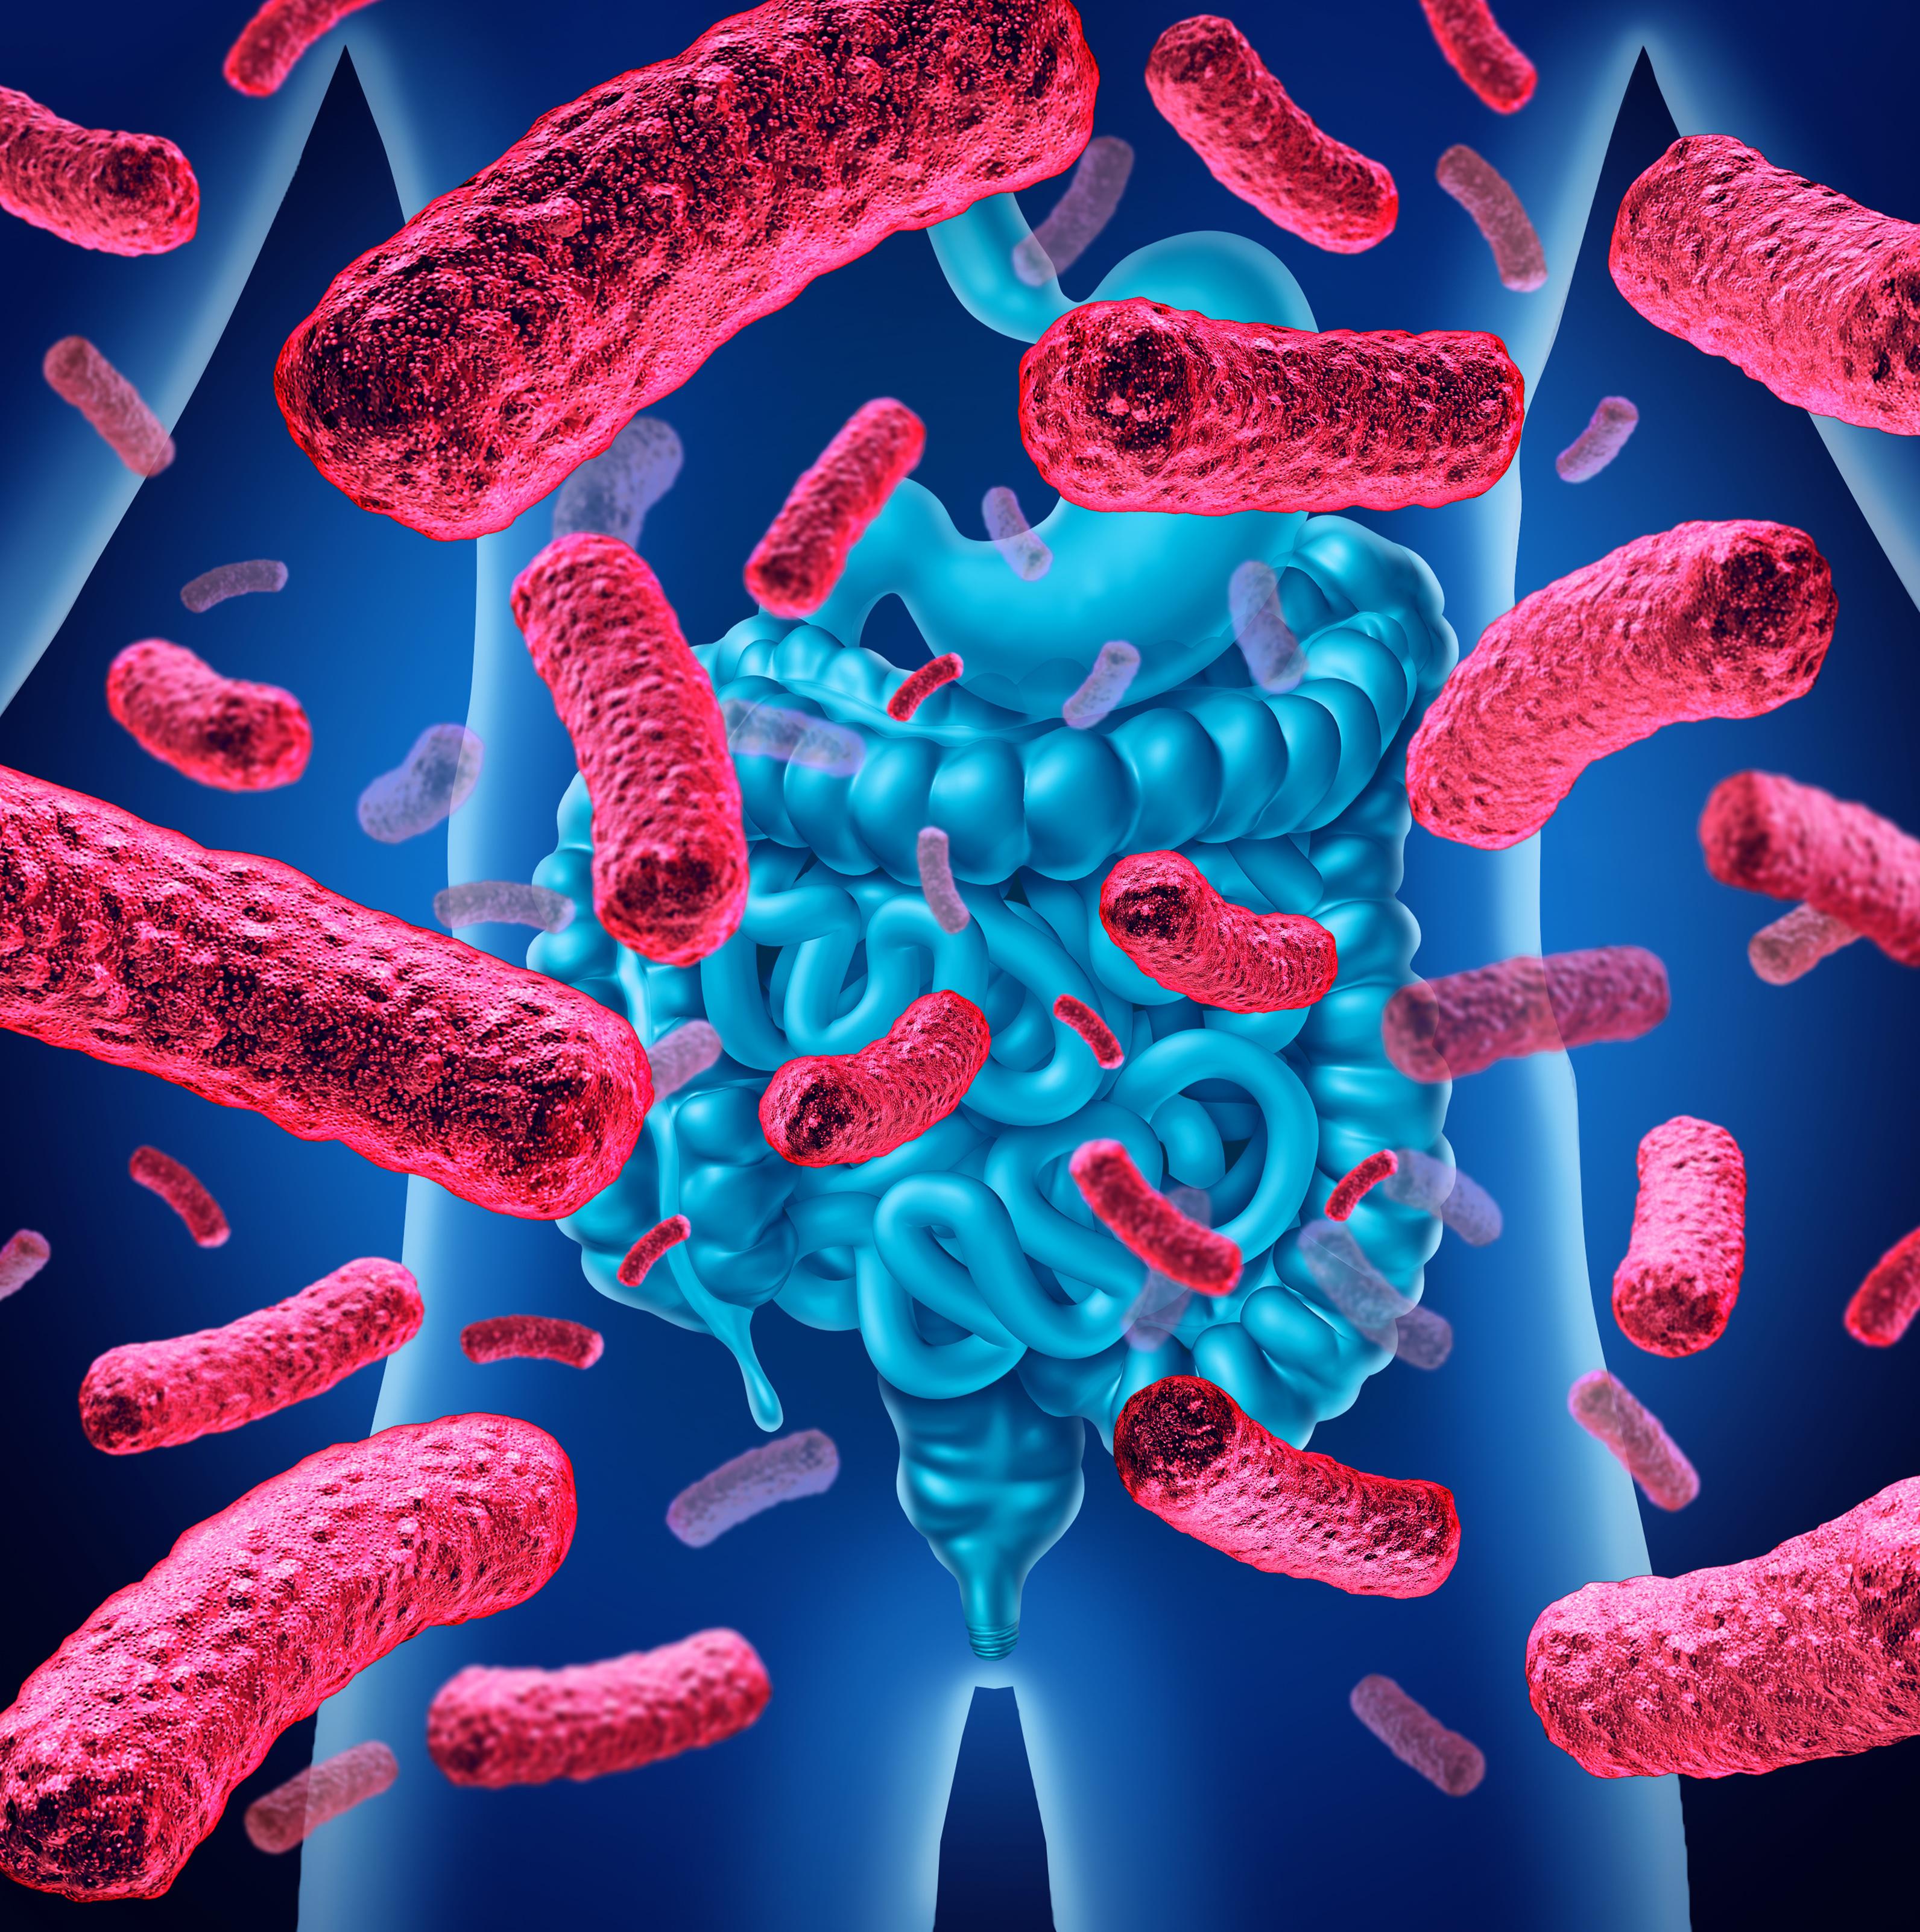 Au centre du processus déclenché par l'excès de graisses alimentaires, des bactéries intestinales spécifiques s'échappent de nos intestins et favorisent la résistance à l'insuline